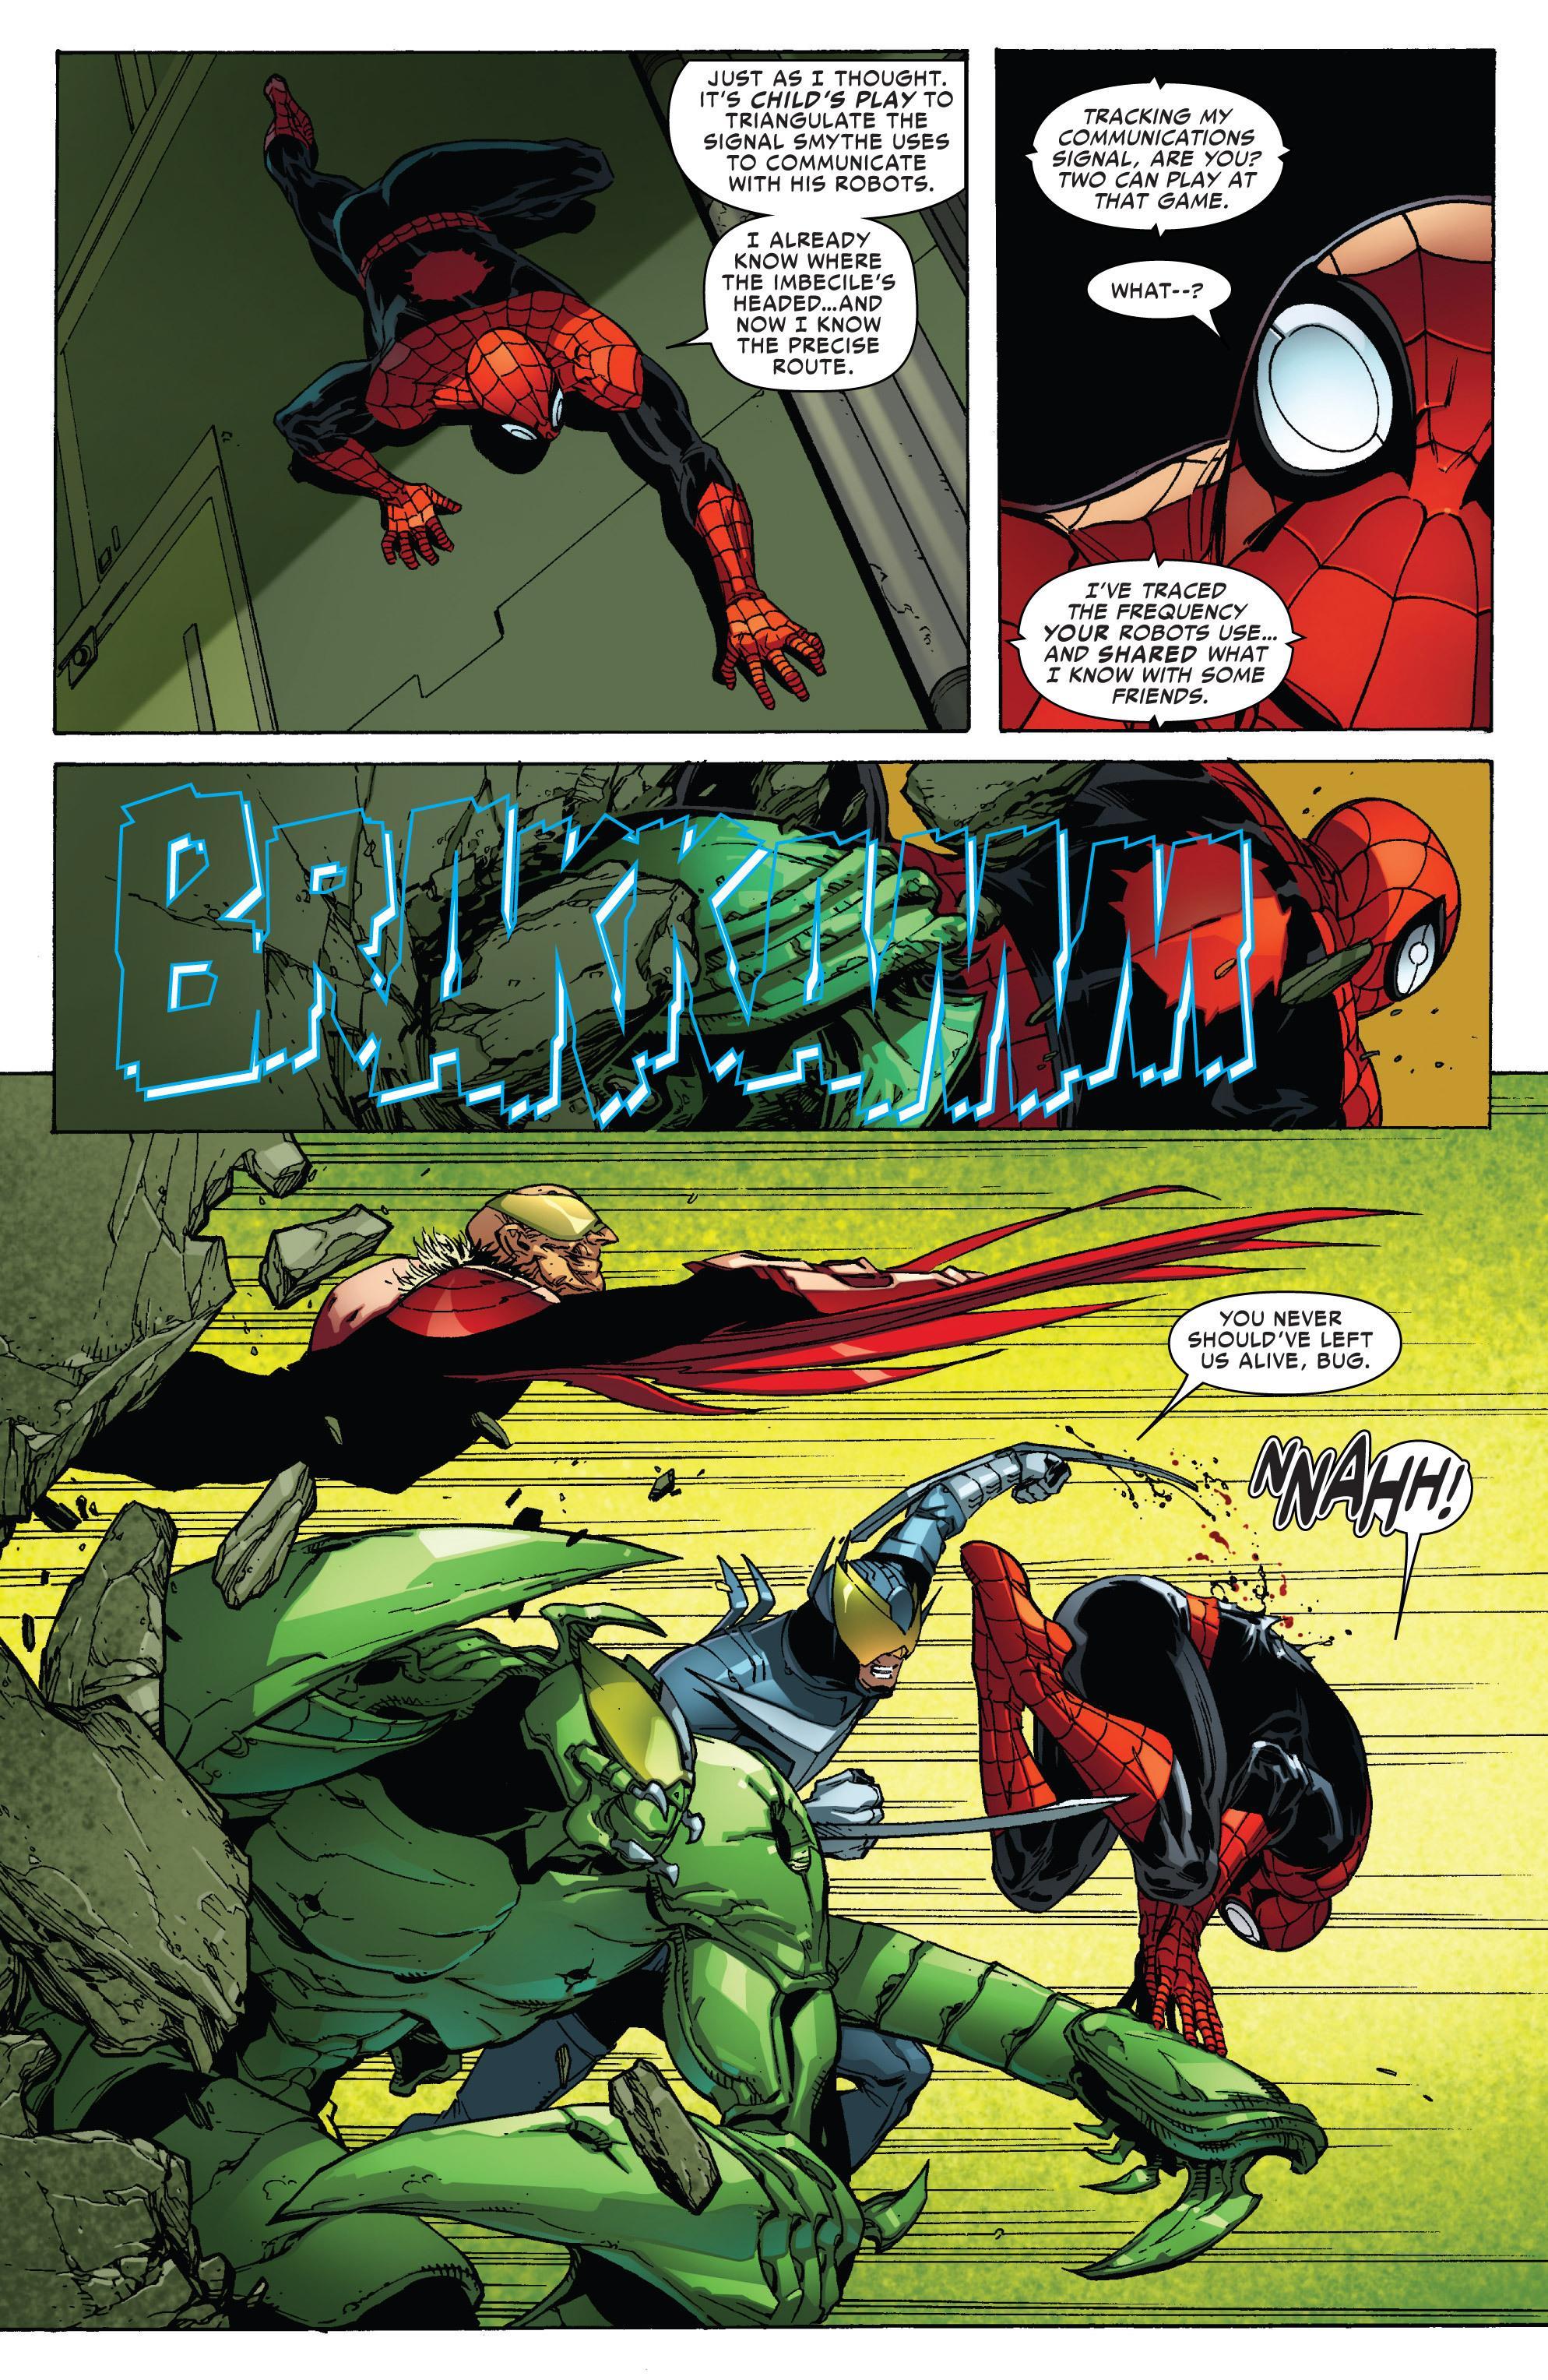 The Superior Spider-Man 3 No Escape review